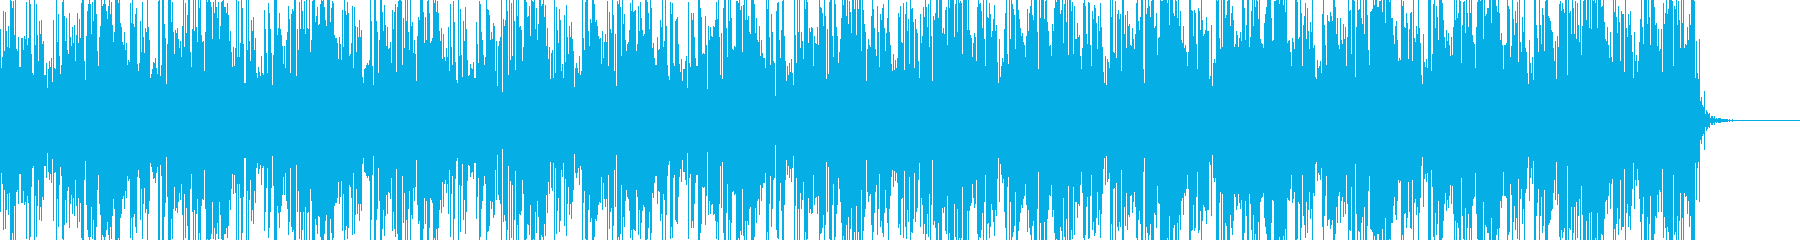 ノイジーでダークなアンビエントBGM7の再生済みの波形